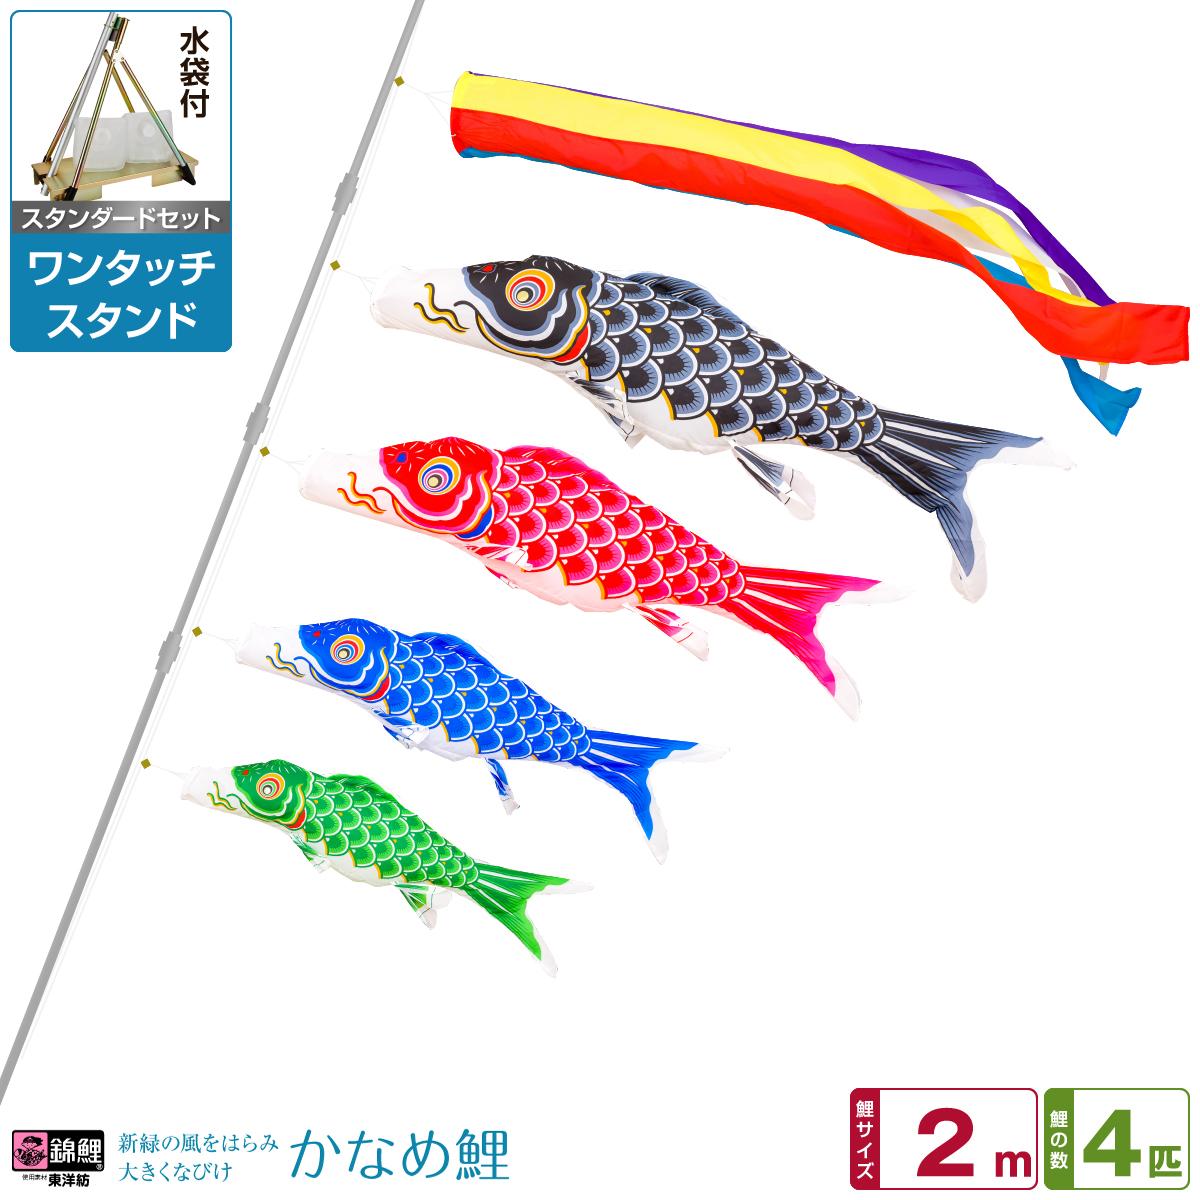 ベランダ用 こいのぼり 鯉のぼり 錦鯉 新緑の風になびく かなめ鯉 2m 7点(吹流し+鯉4匹+矢車+ロープ)/スタンダードセット(ワンタッチスタンド)